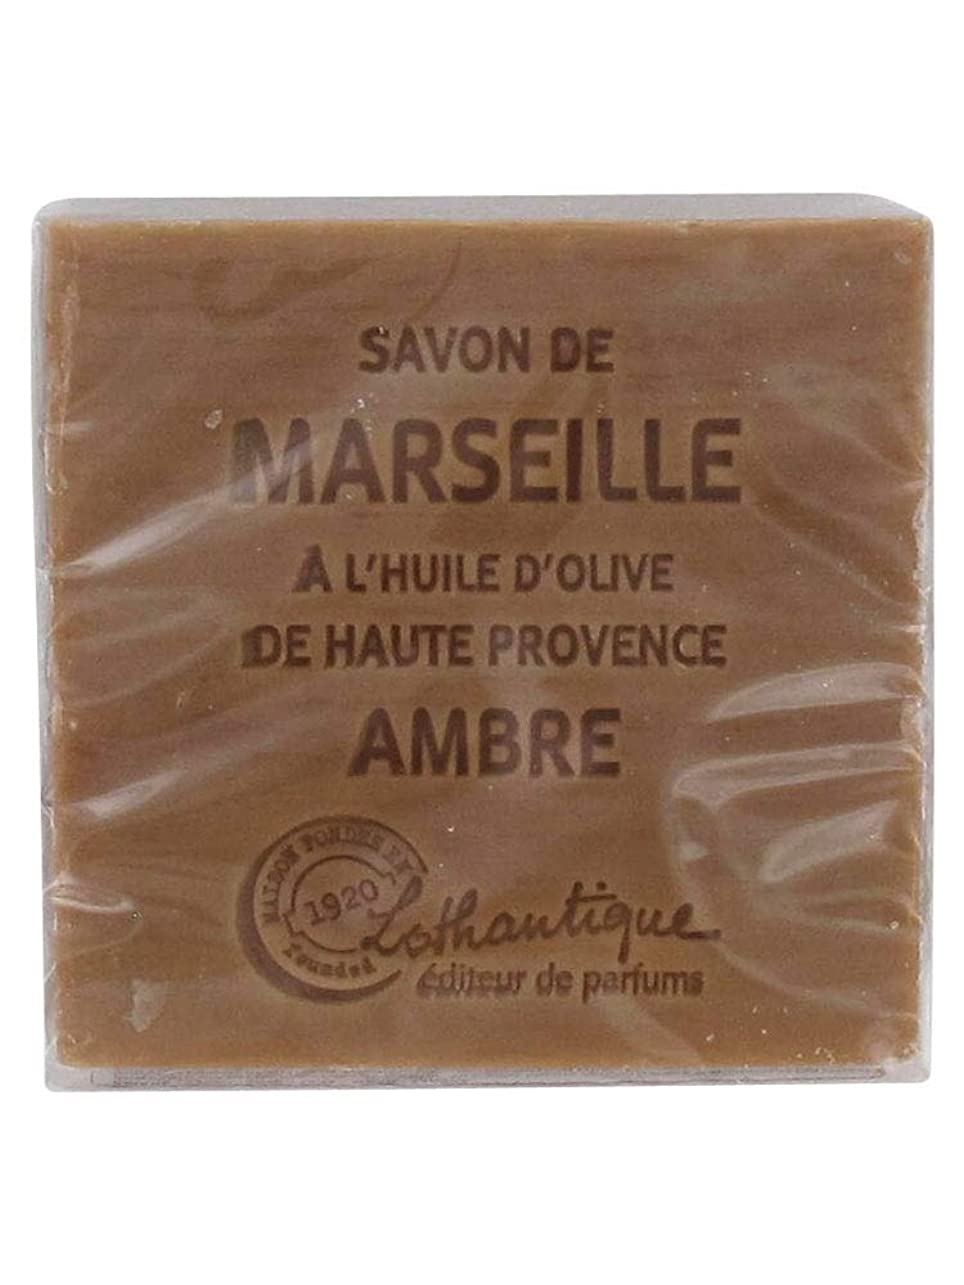 のヒープ者閉じるLothantique(ロタンティック) Les savons de Marseille(マルセイユソープ) マルセイユソープ 100g 「アンバー」 3420070038012